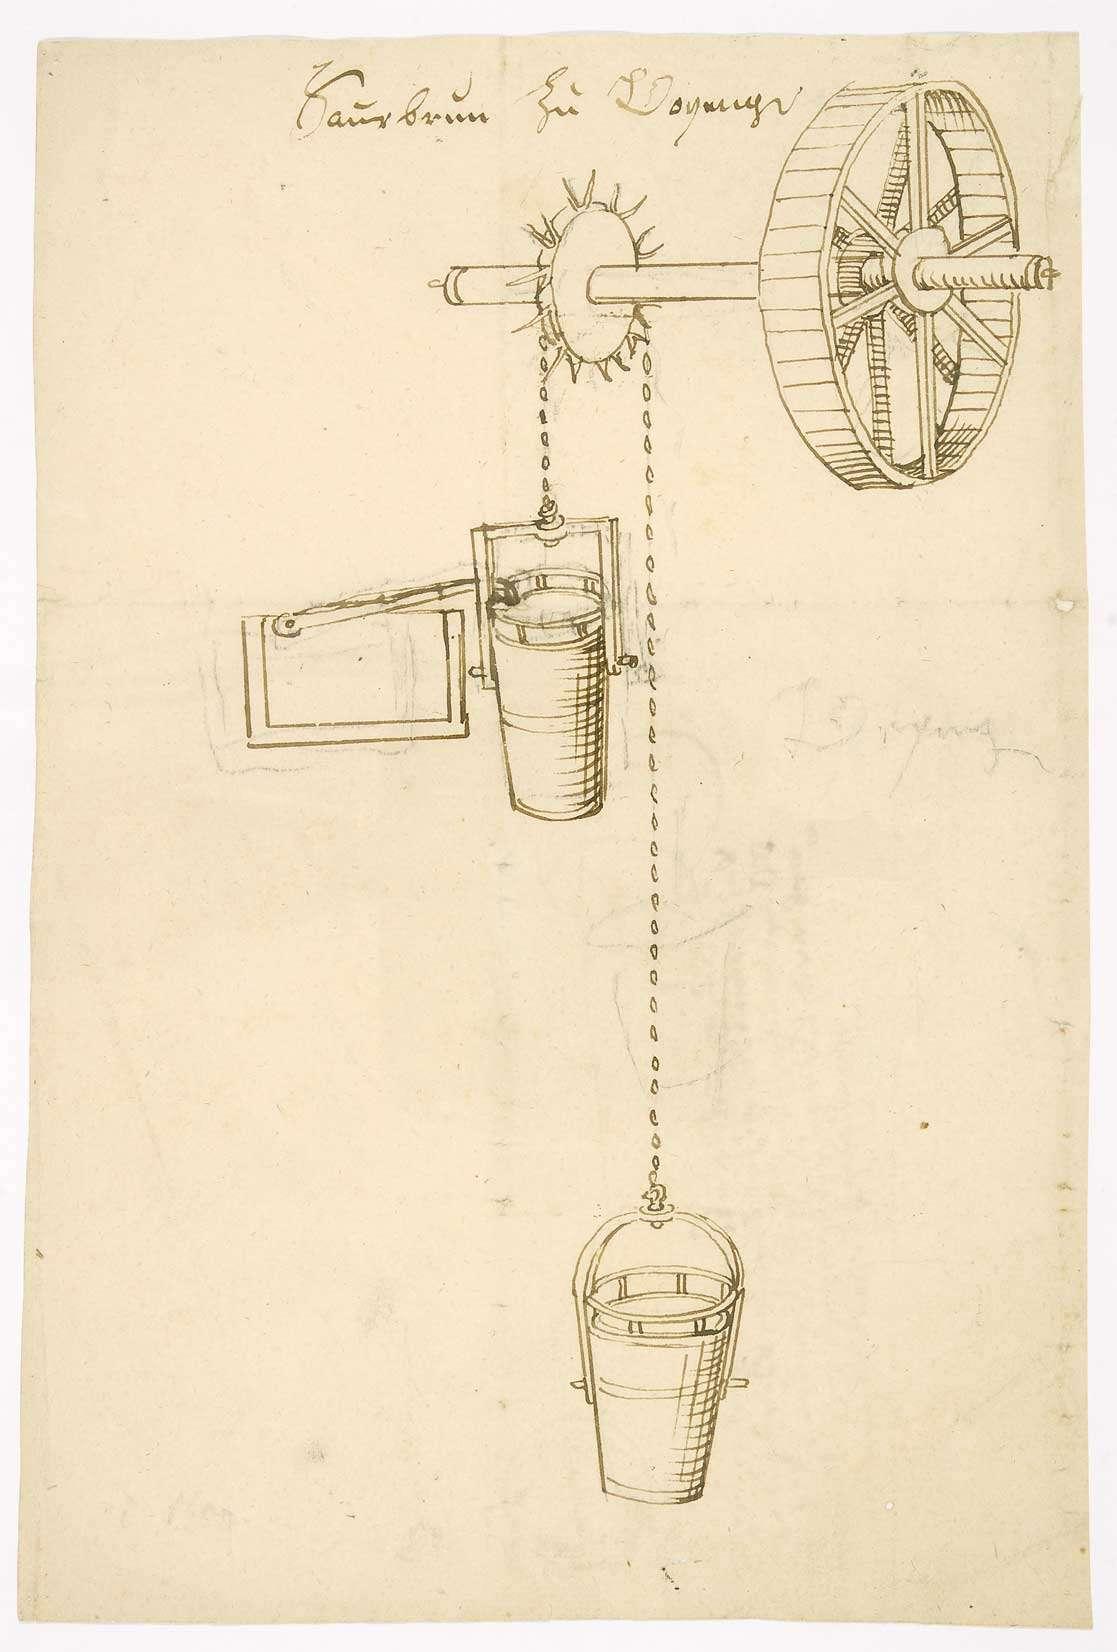 Schöpfbrunnen im Sauerbrunnenbad, zwei Eimer und das Schöpfrad (Tinte, Folio), Bild 2